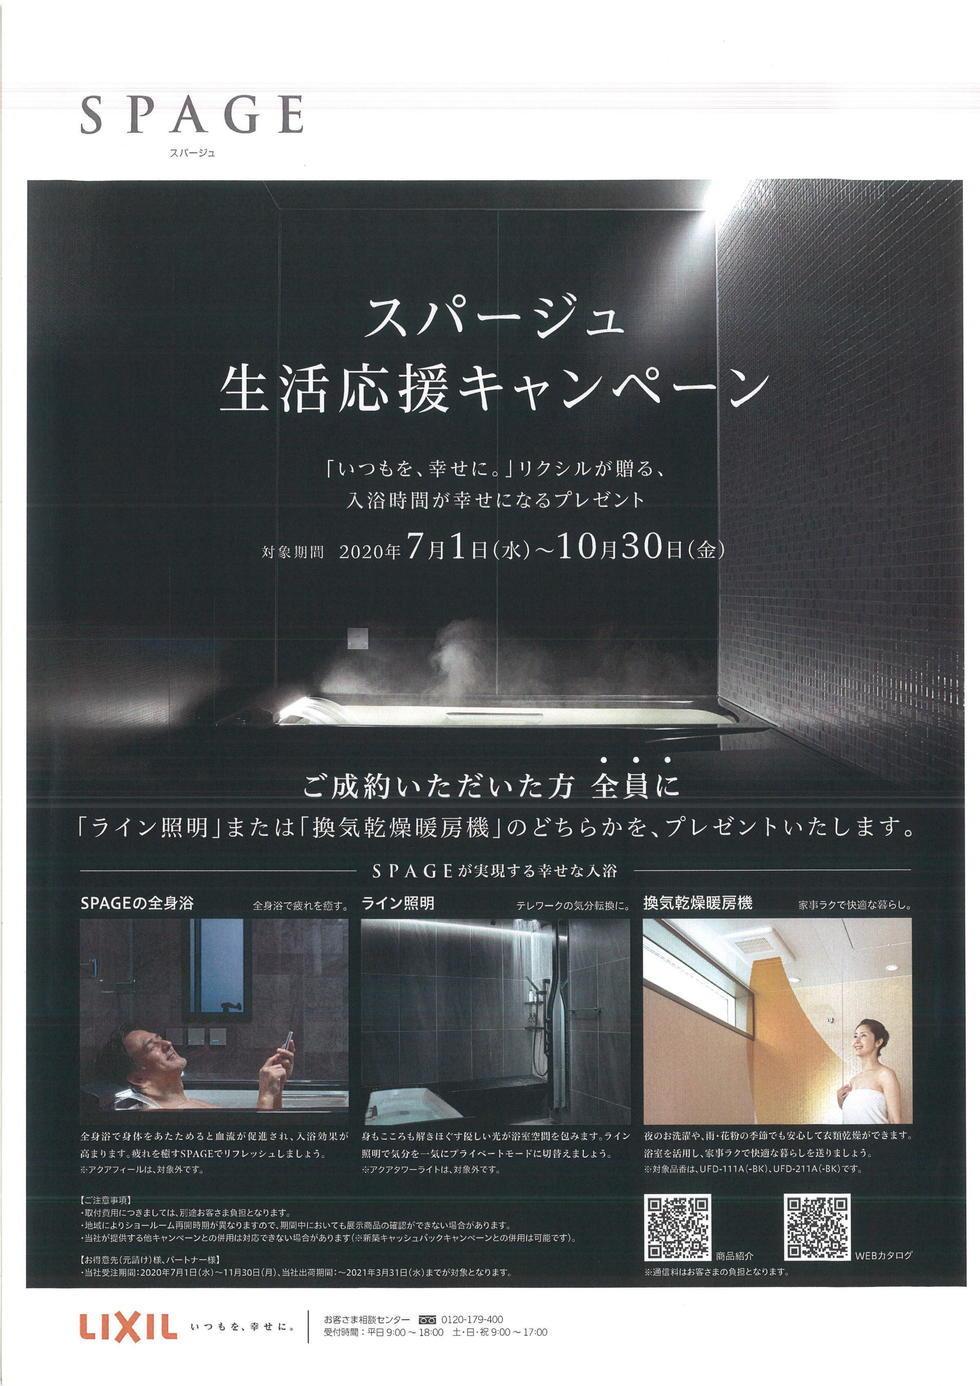 スパージュキャンペーン202007.jpgのサムネイル画像のサムネイル画像